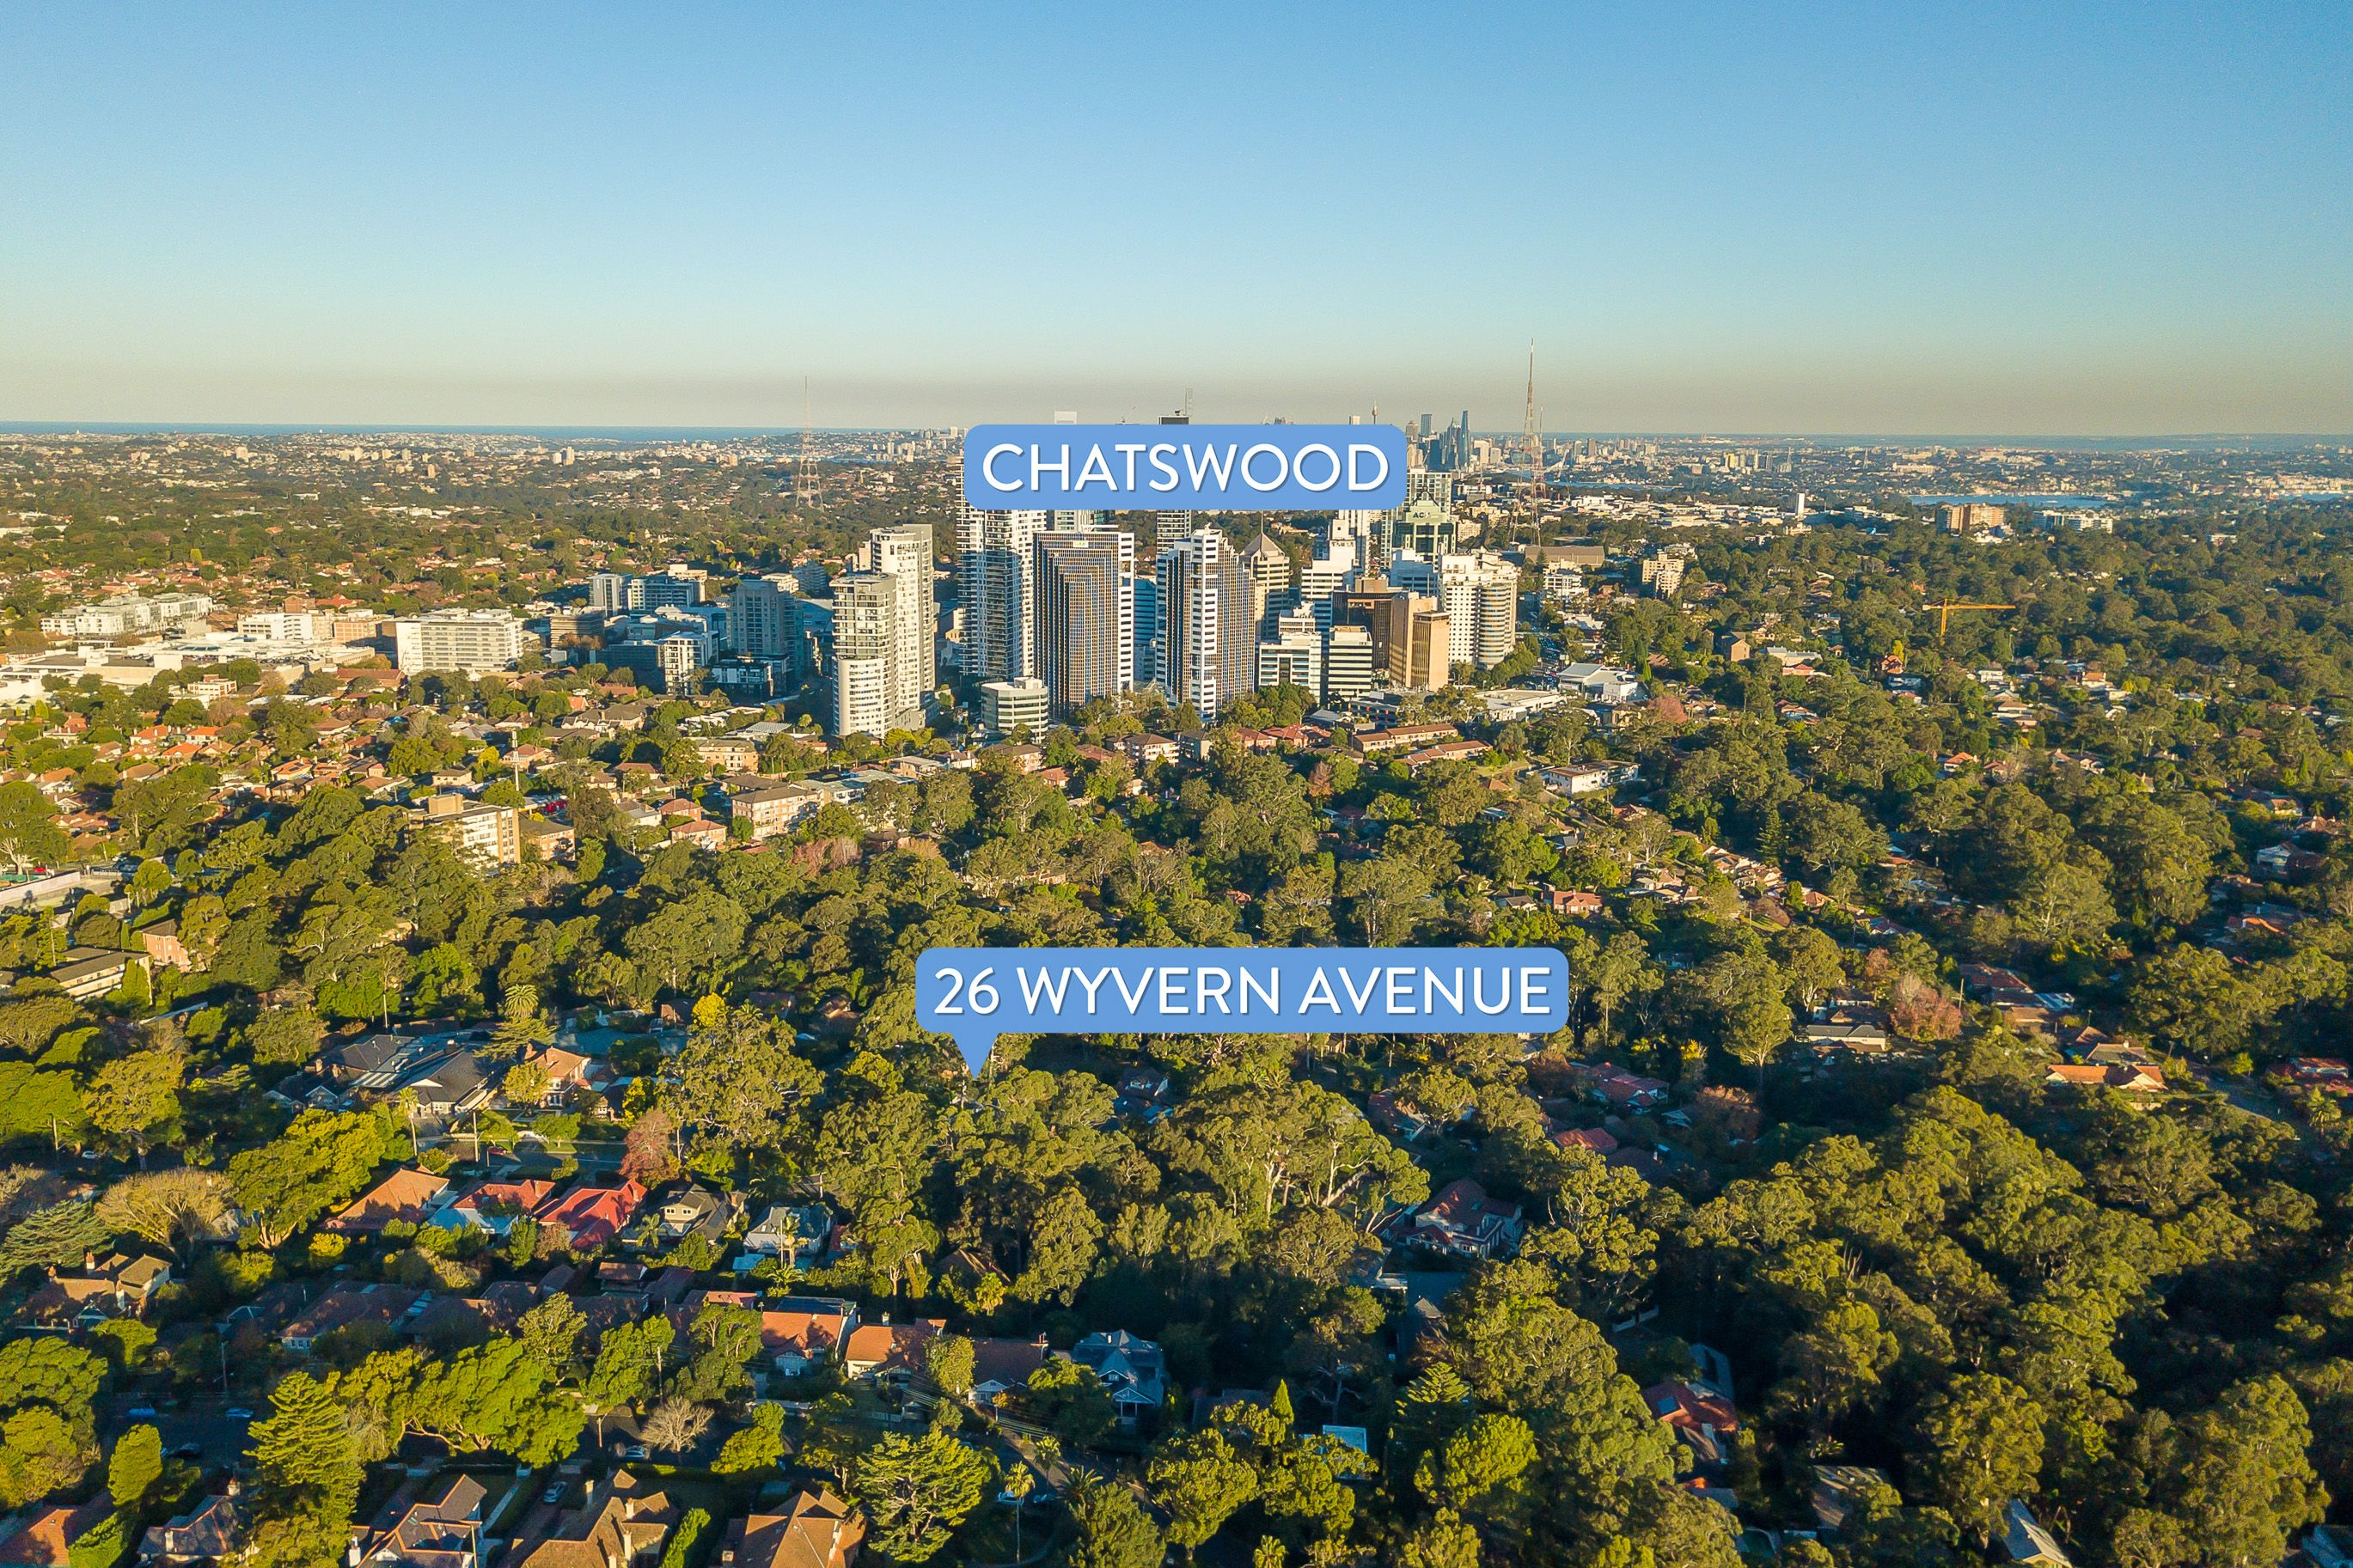 26 Wyvern Avenue Chatswood 2067